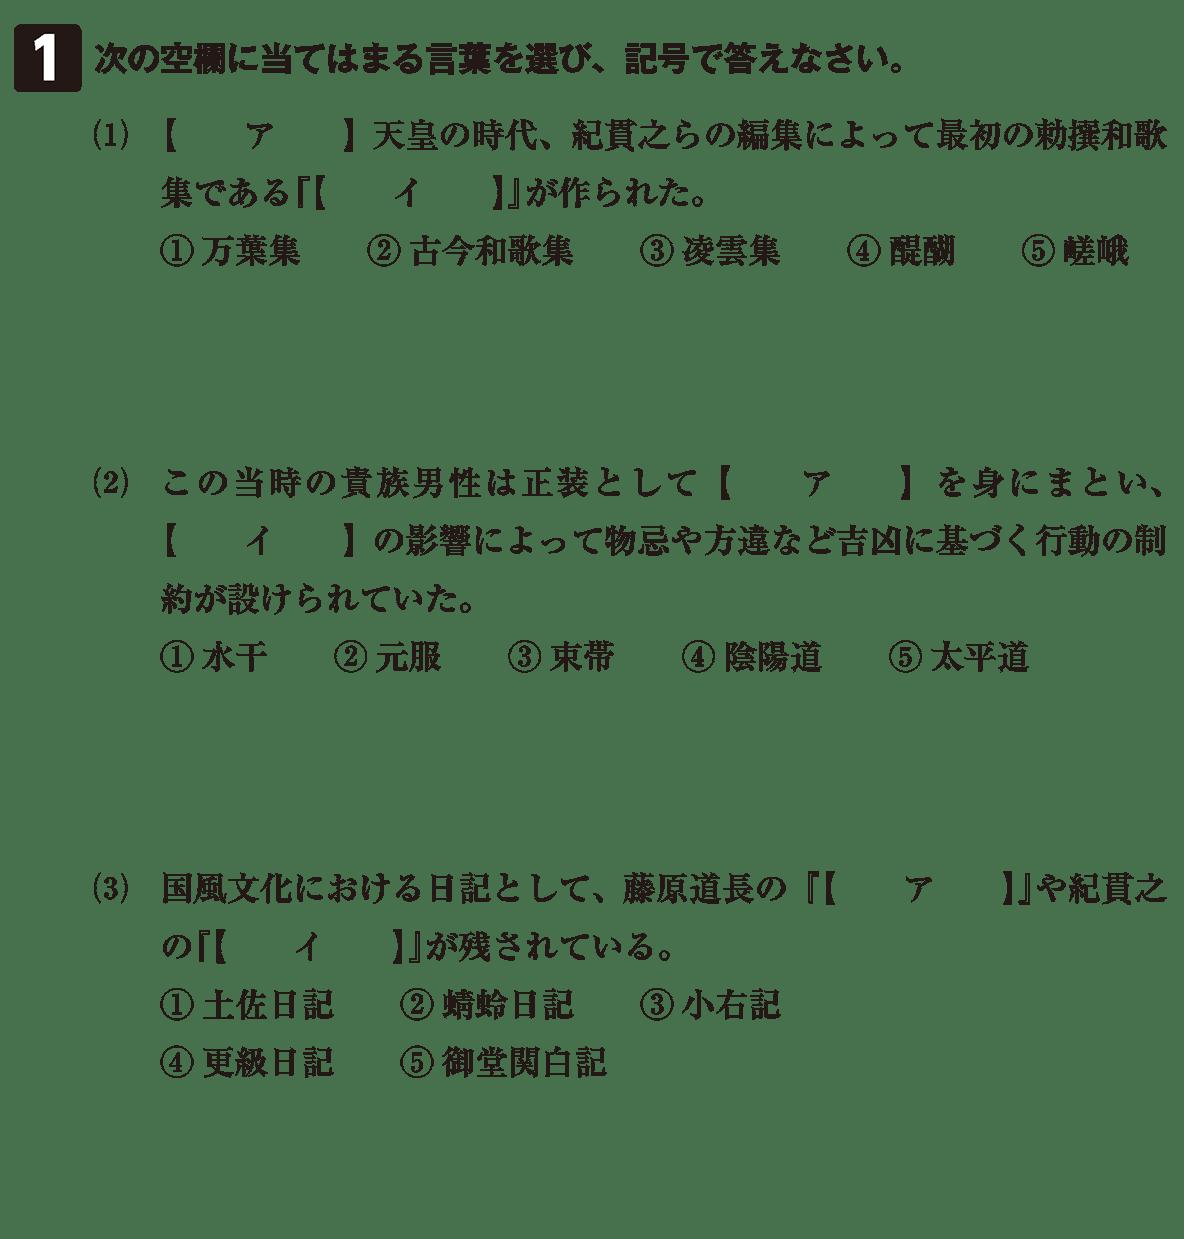 原始・古代文化24 問題1 問題